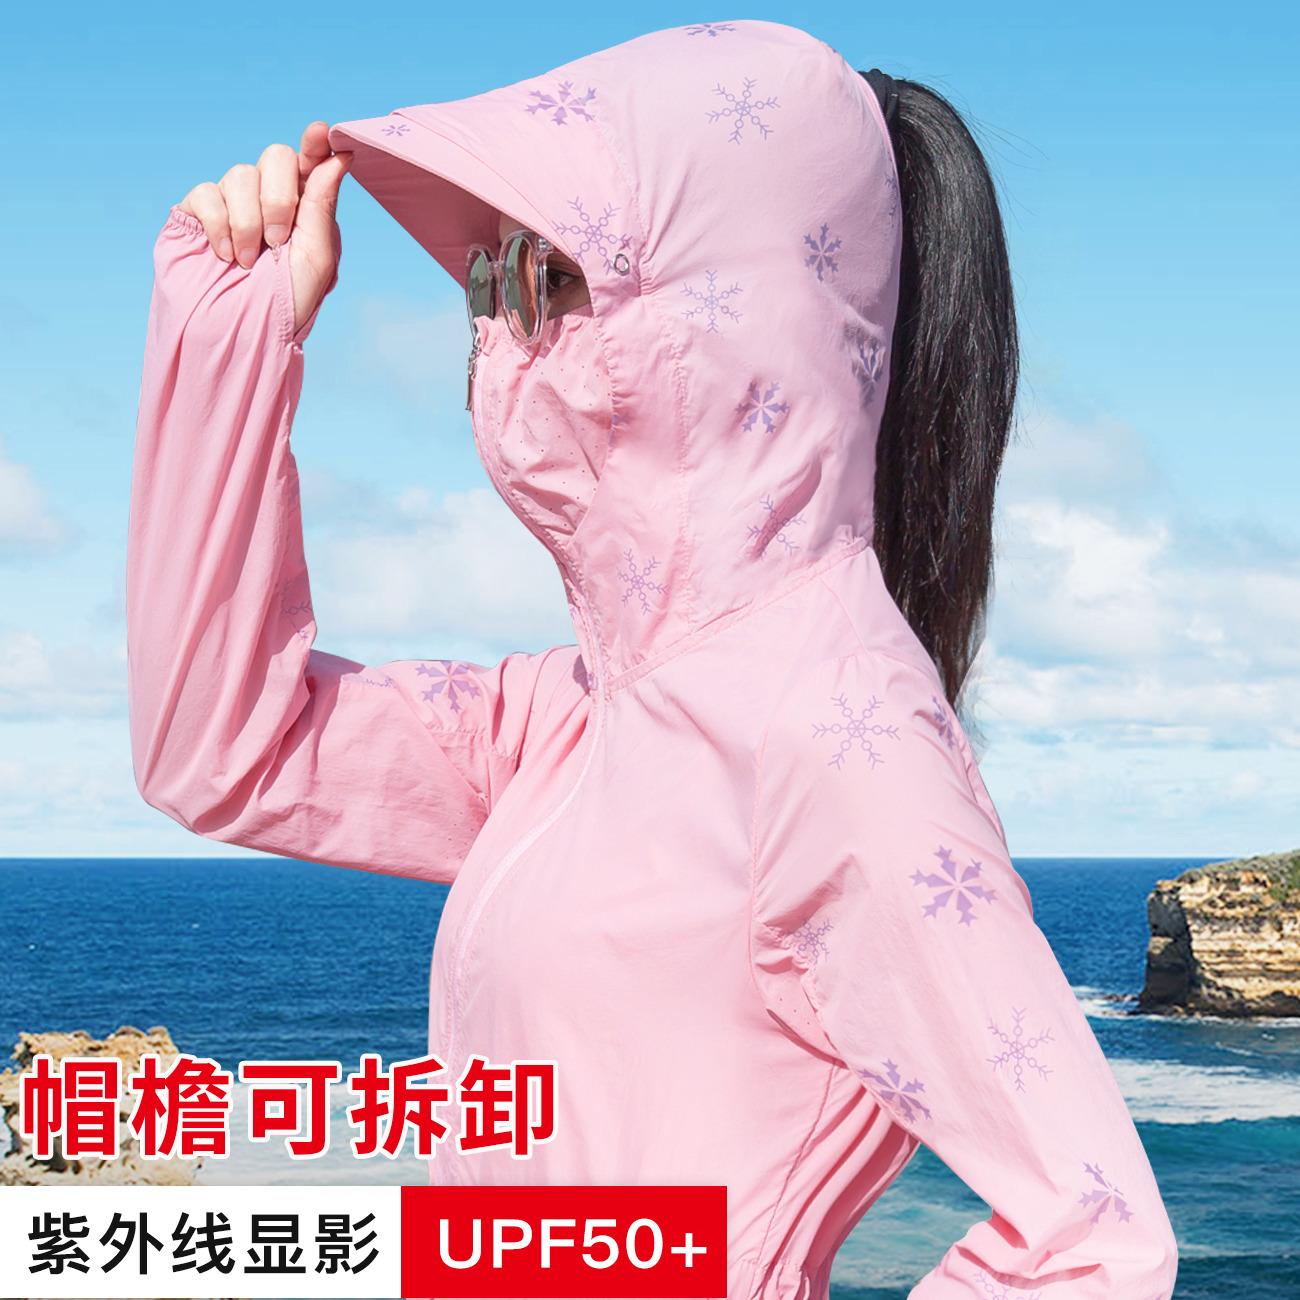 防晒衣女2019夏季新款防紫外线韩版中长款薄款户外骑车防晒服外套